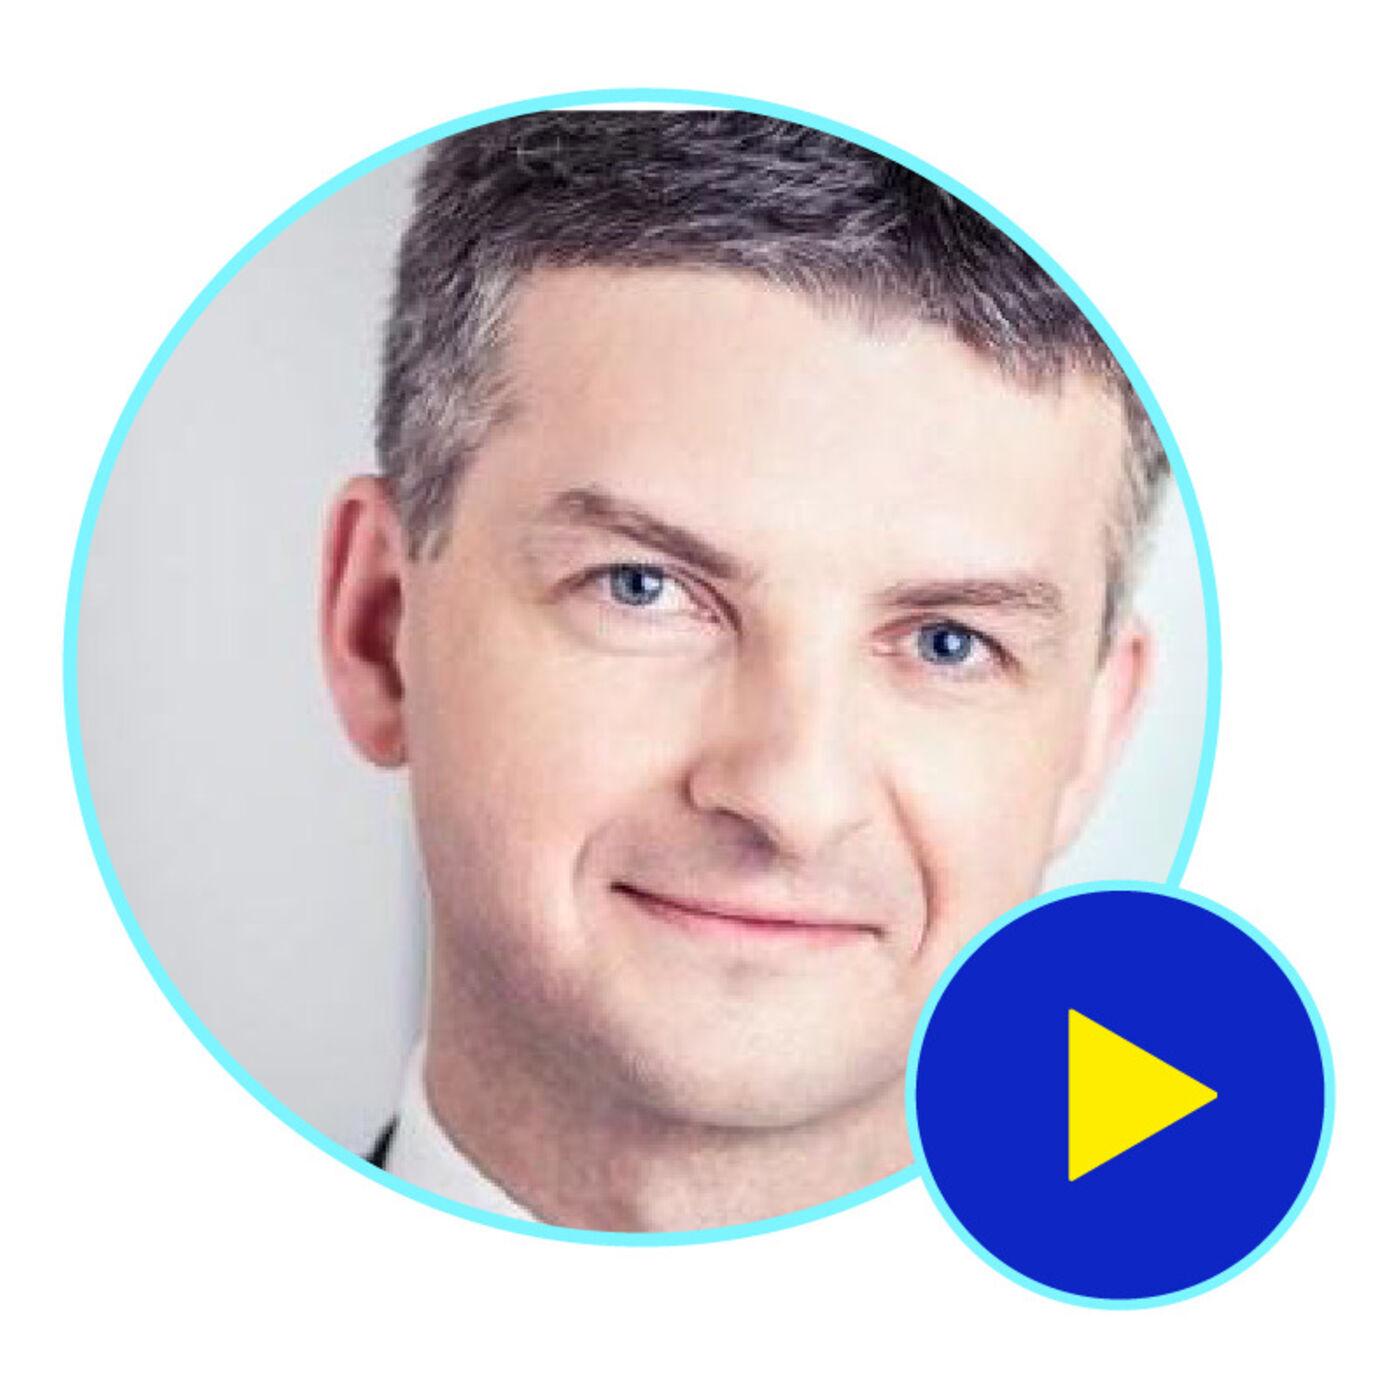 Polska jest dopiero na początku drogi do informatyzacji medycyny - gość Wiktor Janicki